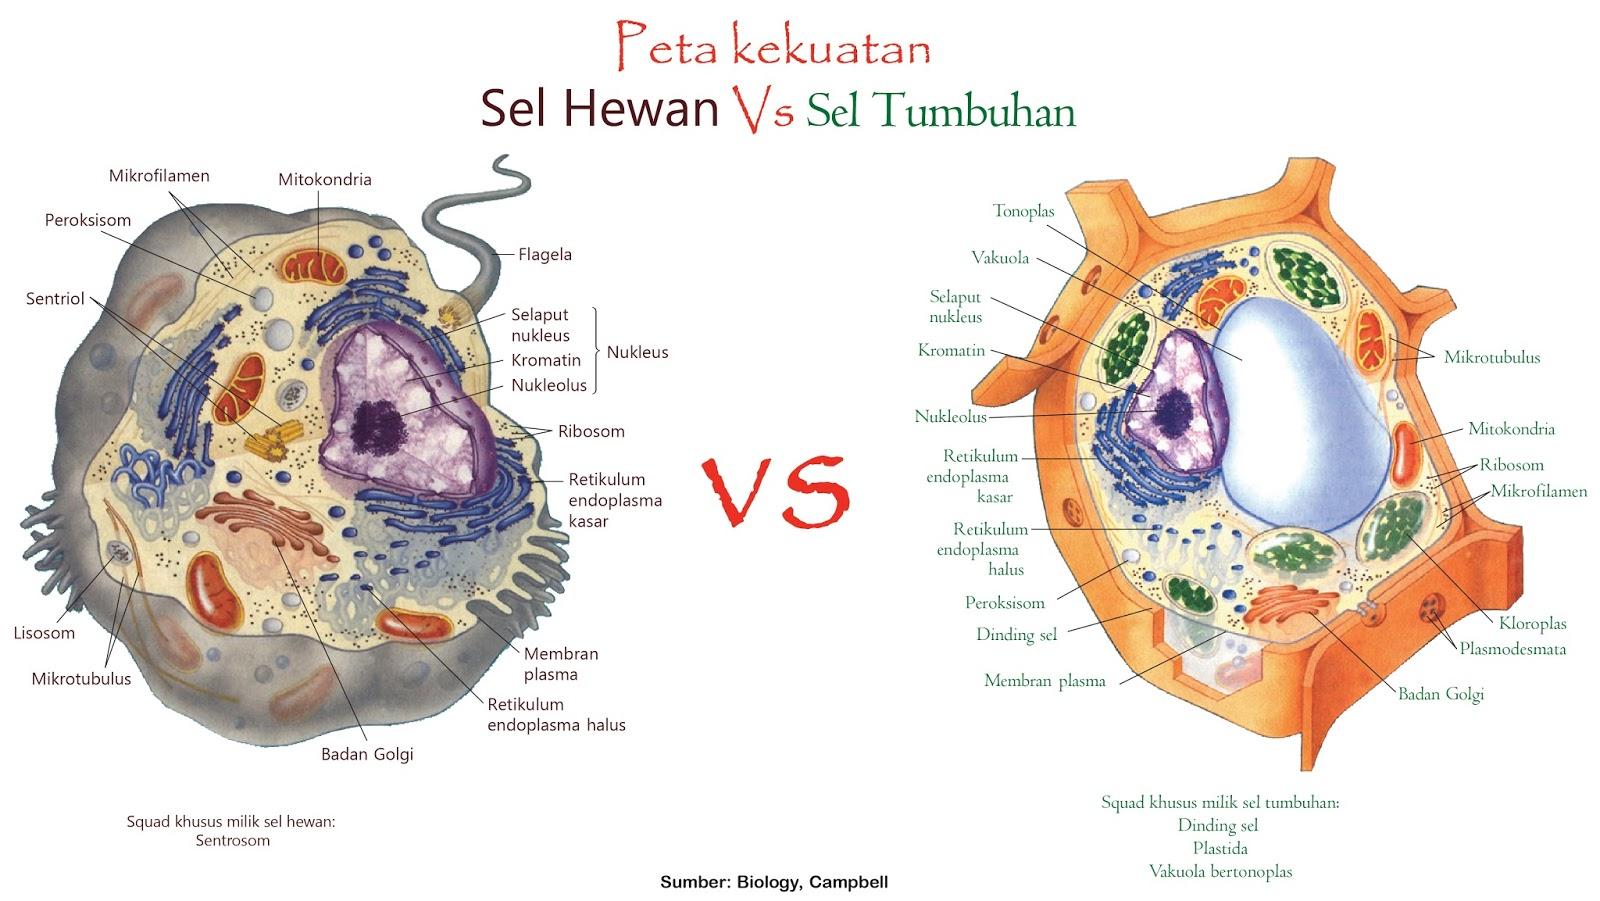 Perbedaan sel hewan dan tumbuhan dilihat dari berbagai ...